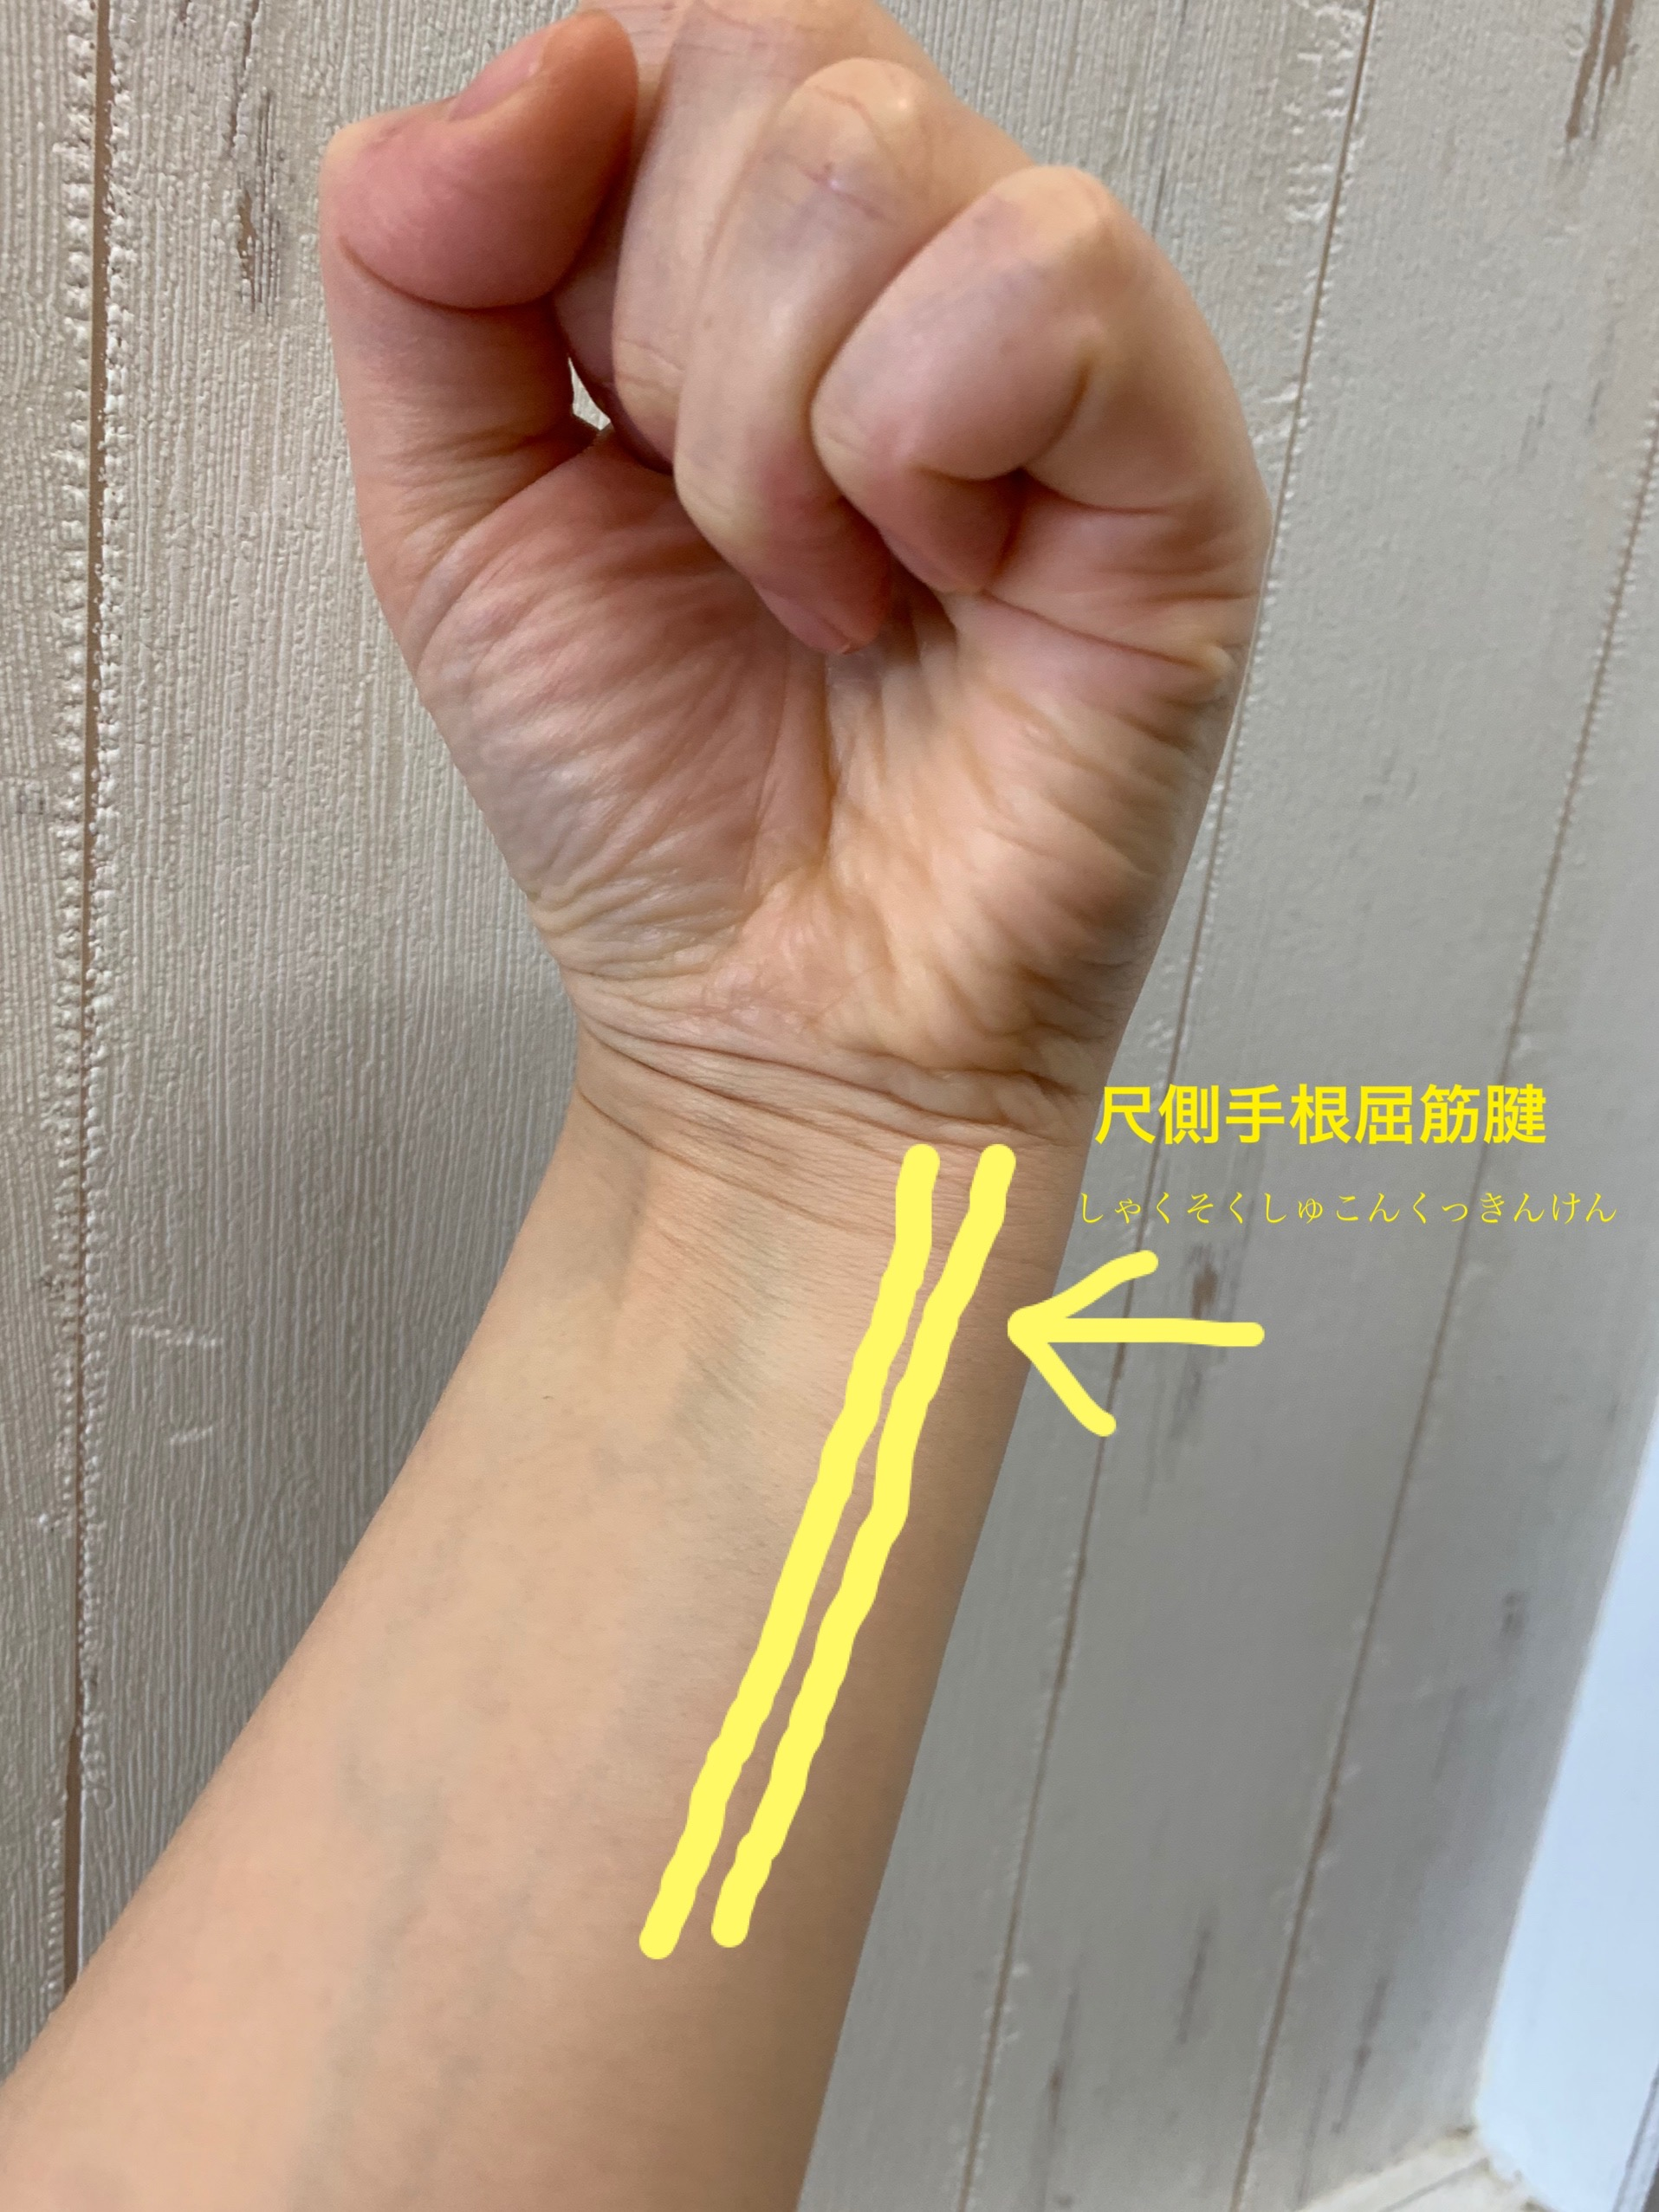 神門 尺側手根屈筋腱